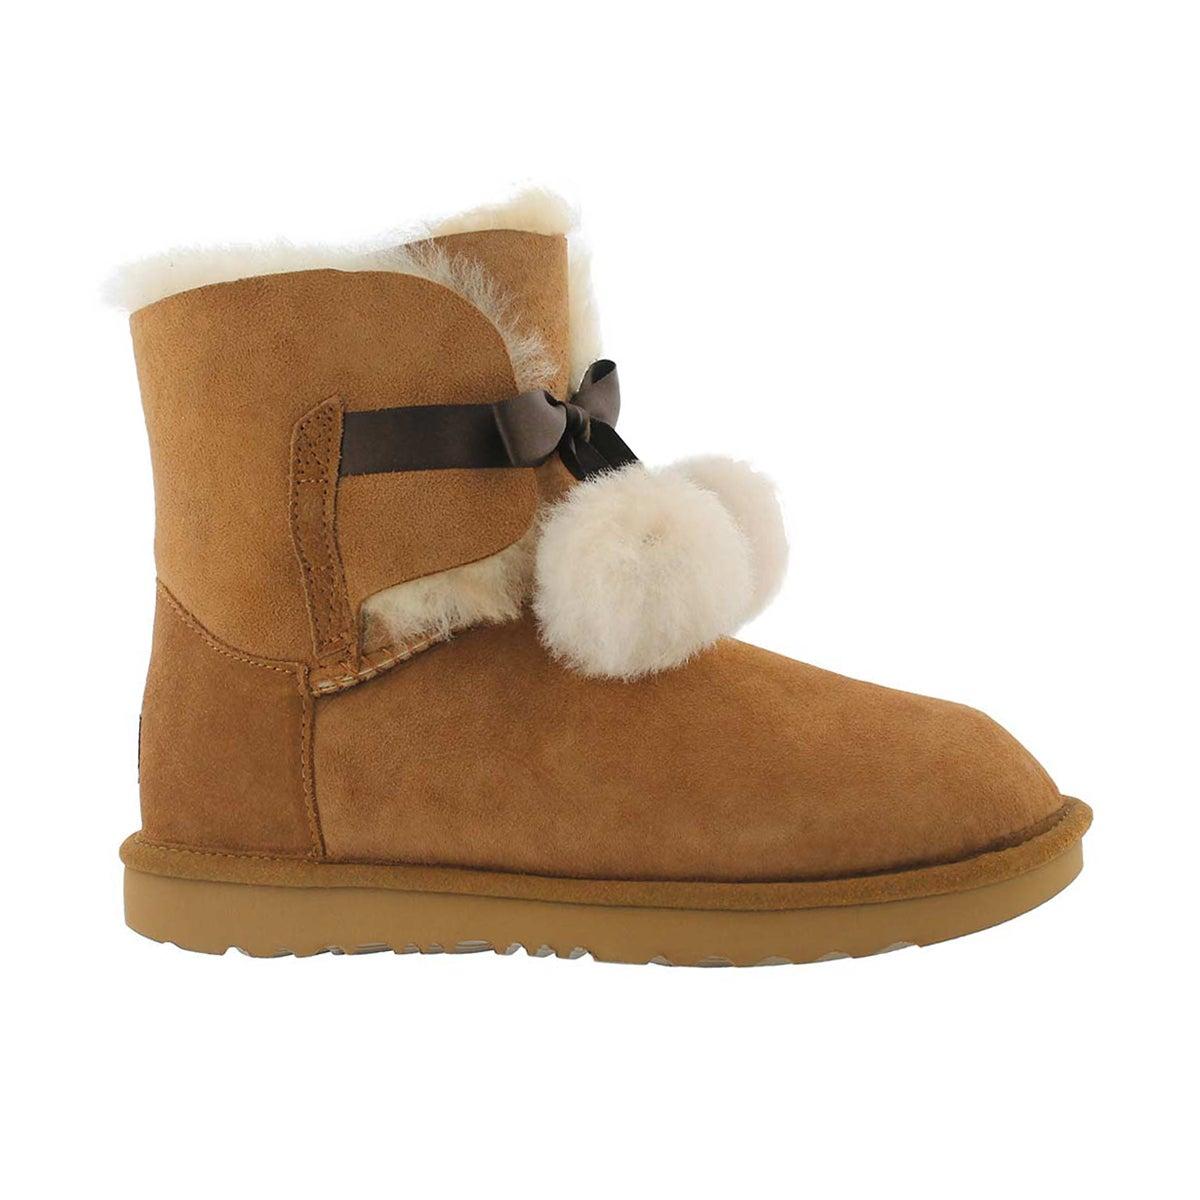 Girls' GITA chestnut pom pom sheepskin boots